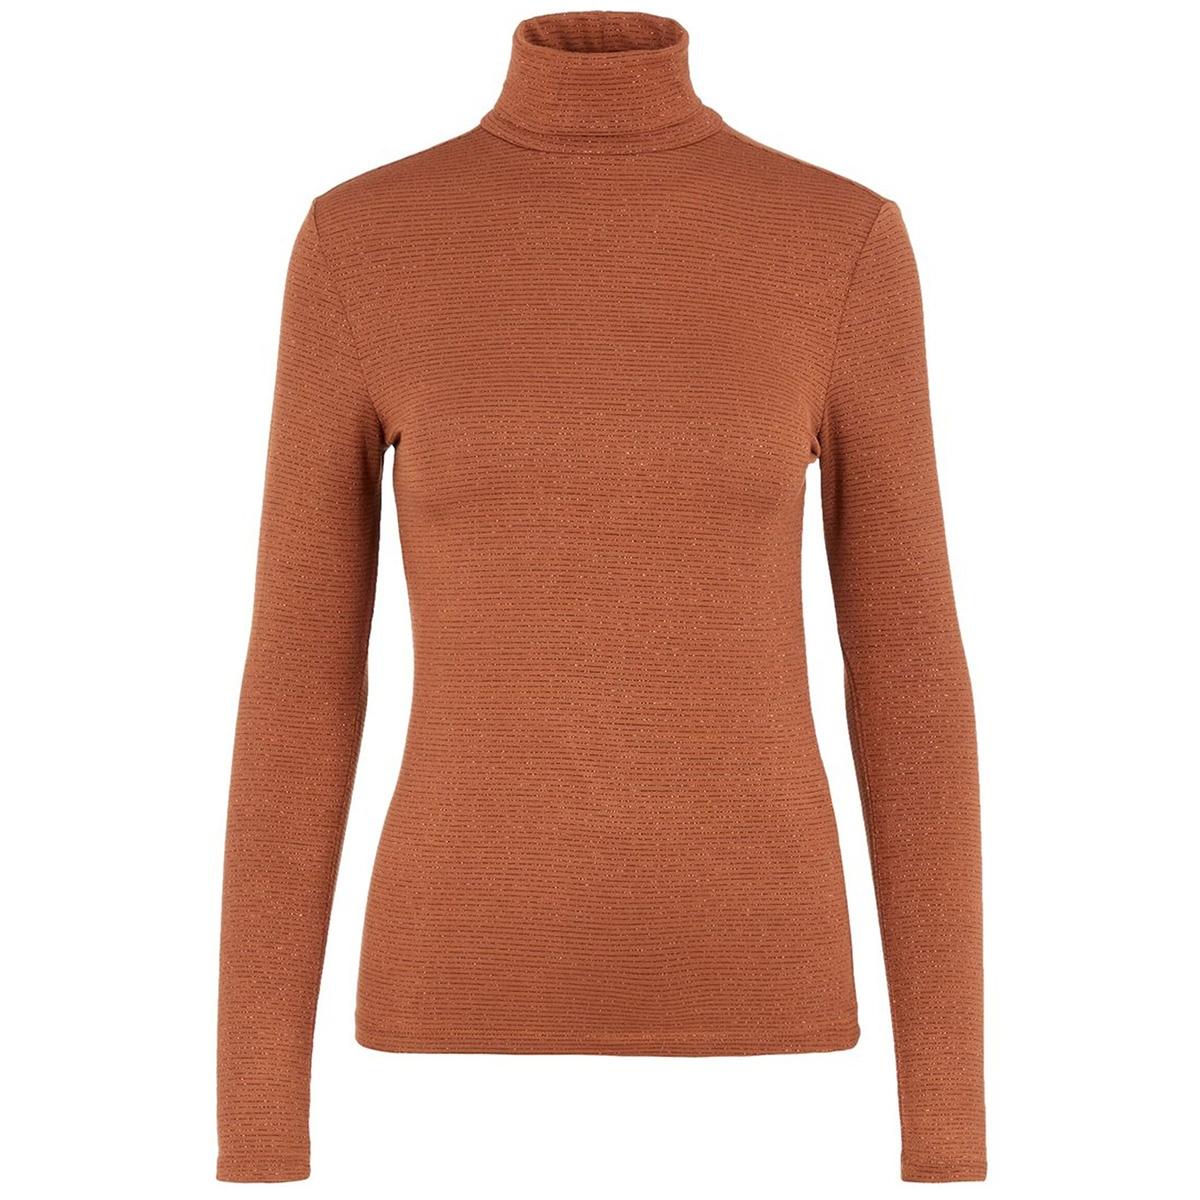 pcbillo ls rollneck lurex stripes t 17100254 pieces t-shirt mocha bisque/copper lurex